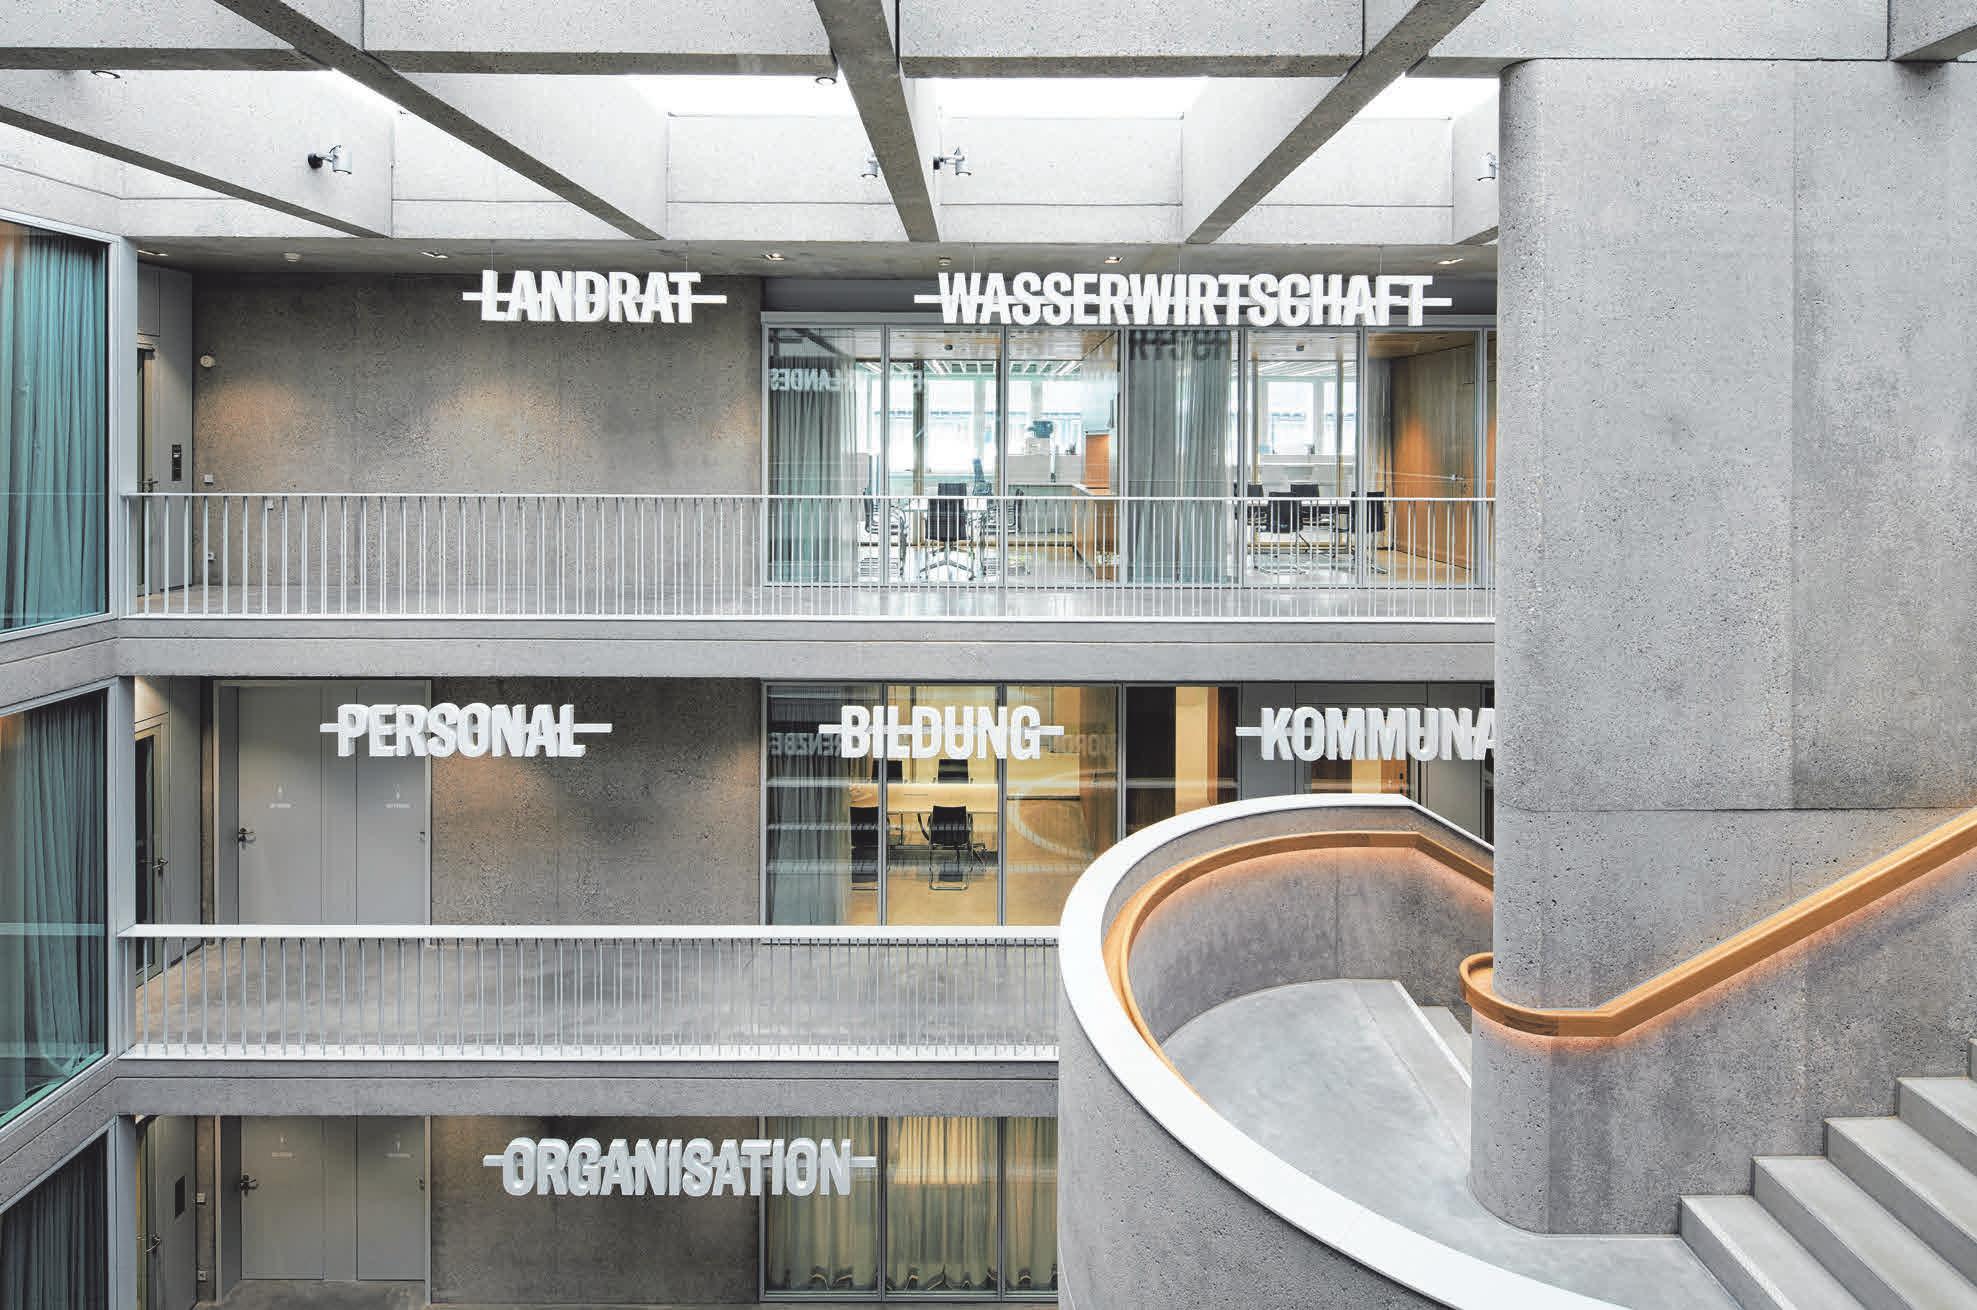 Die in großen, weißen Lettern angebrachten Amtsbezeichnungen fügen sich wie Kunstwerke harmonisch in das Gesamtbild ein.